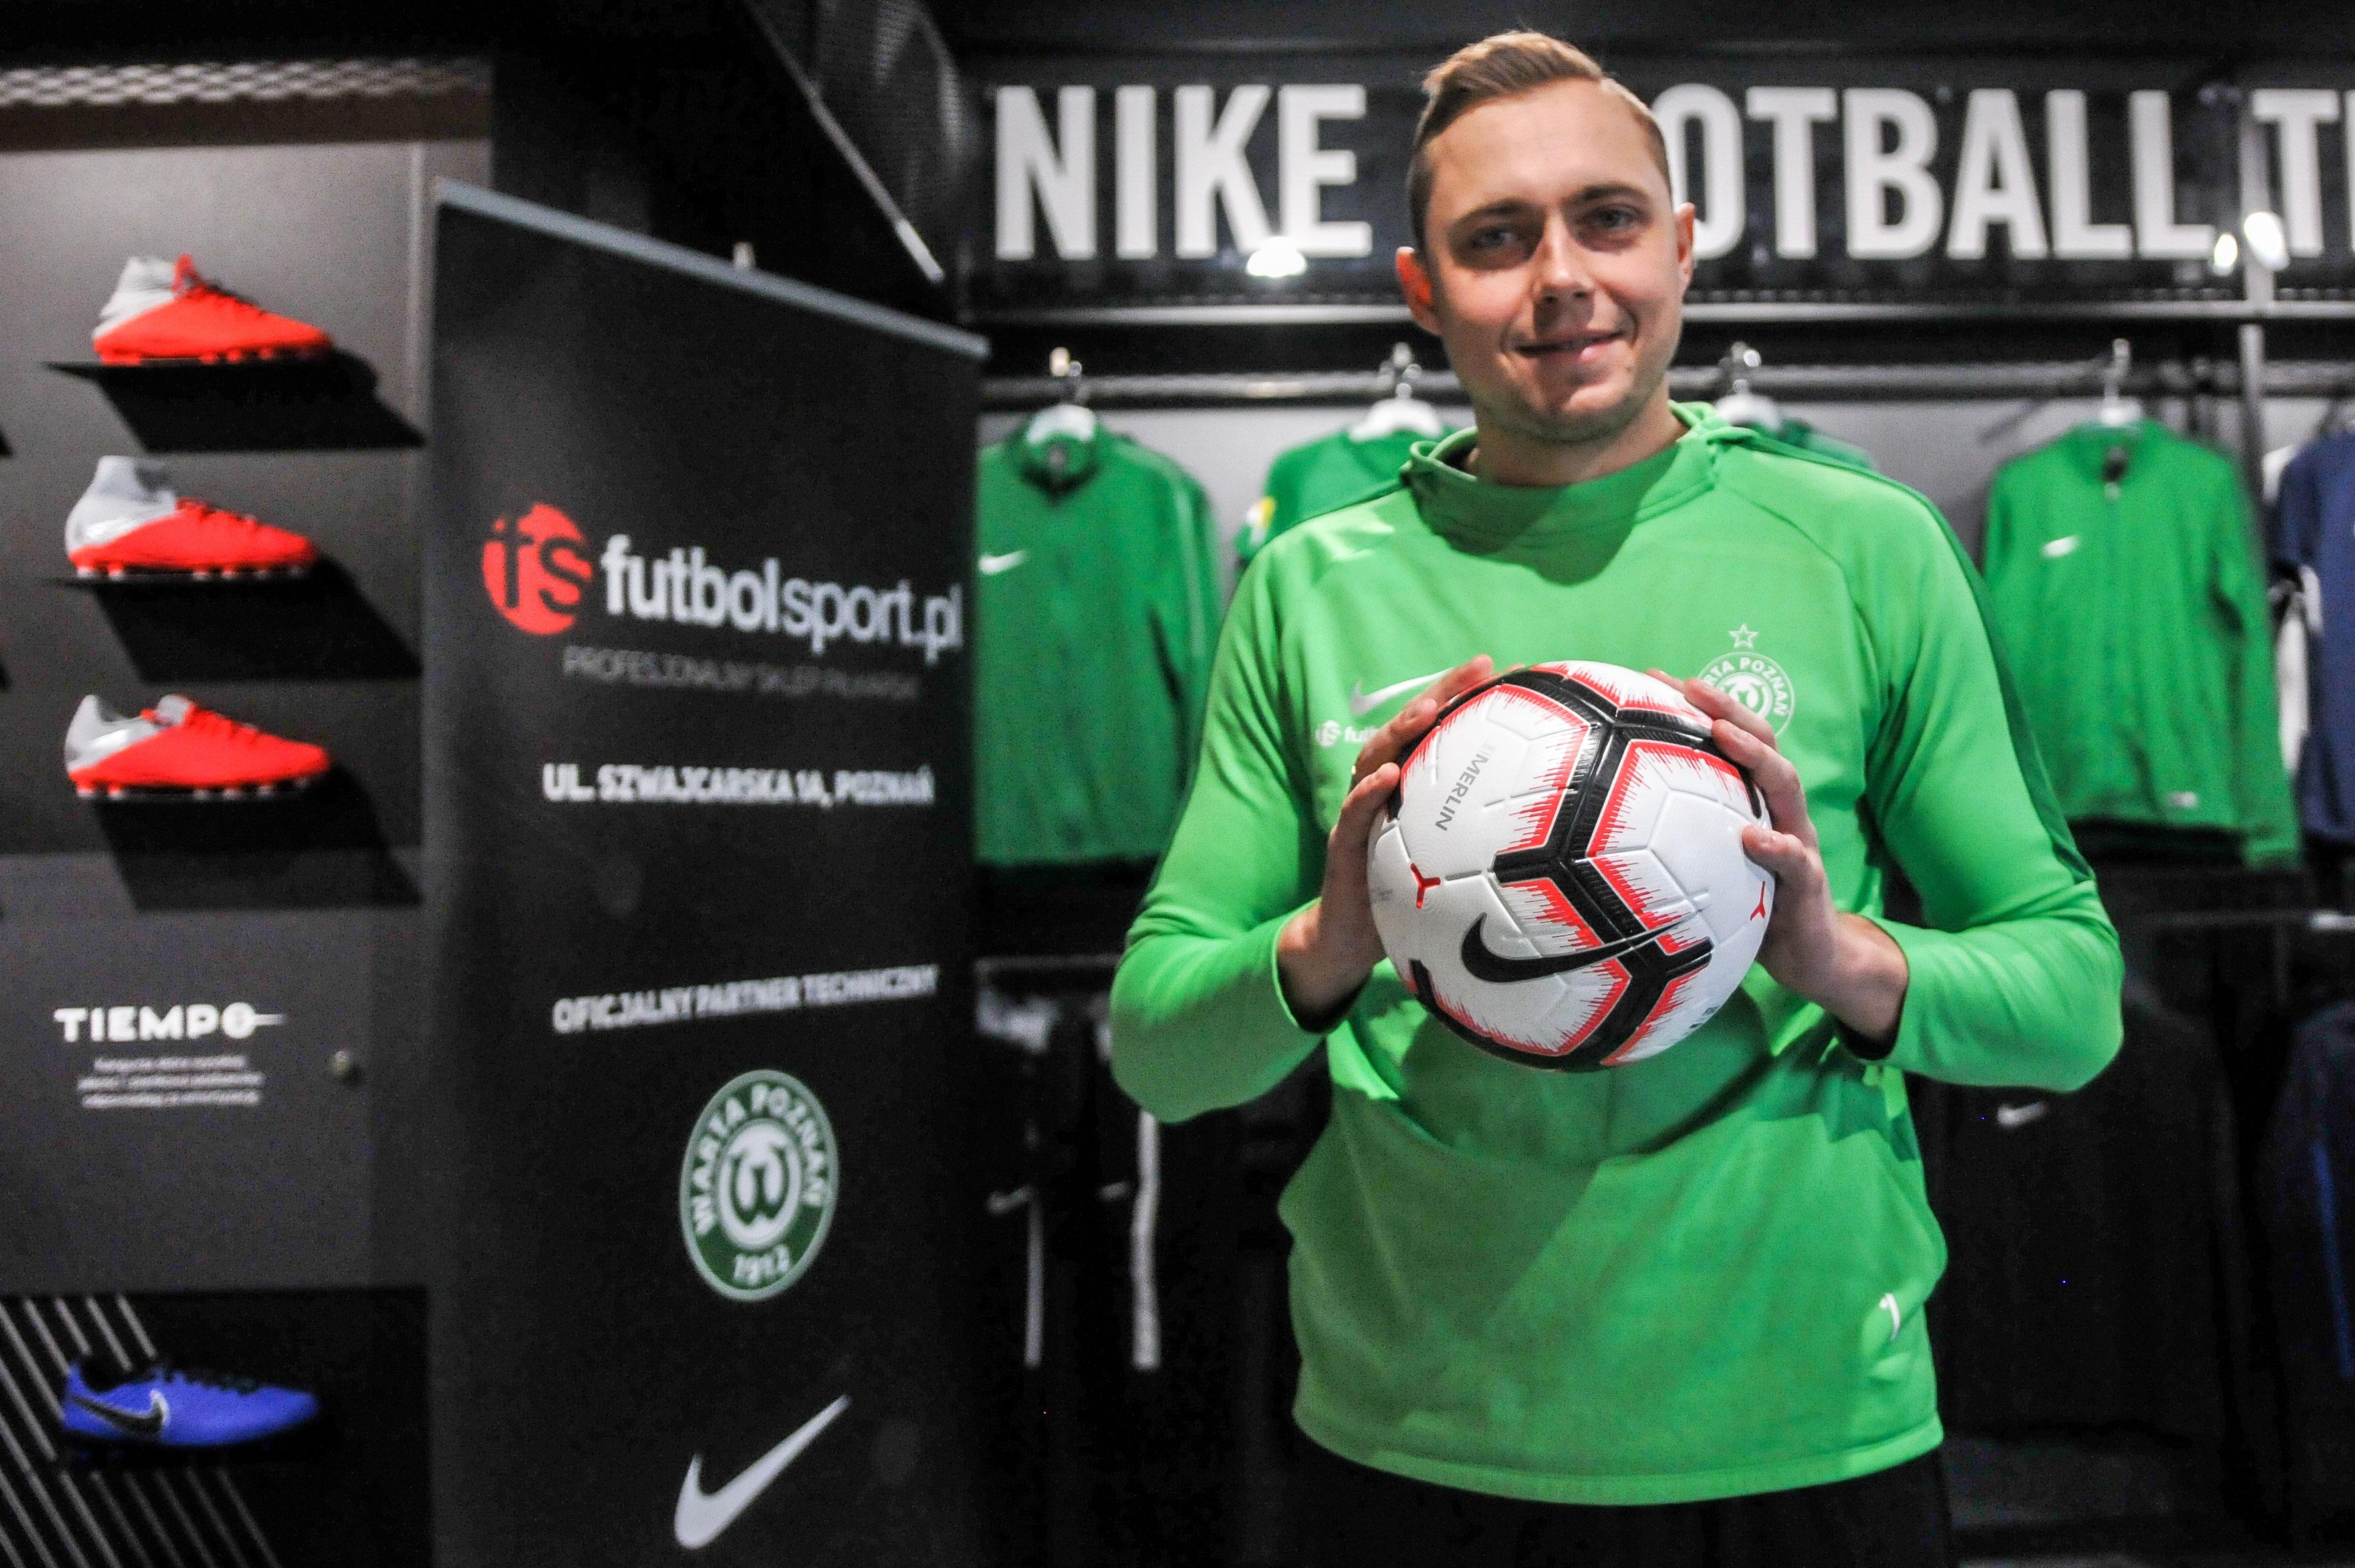 Michał Grobelny (Warta Poznań) w salonie futbolsport.pl